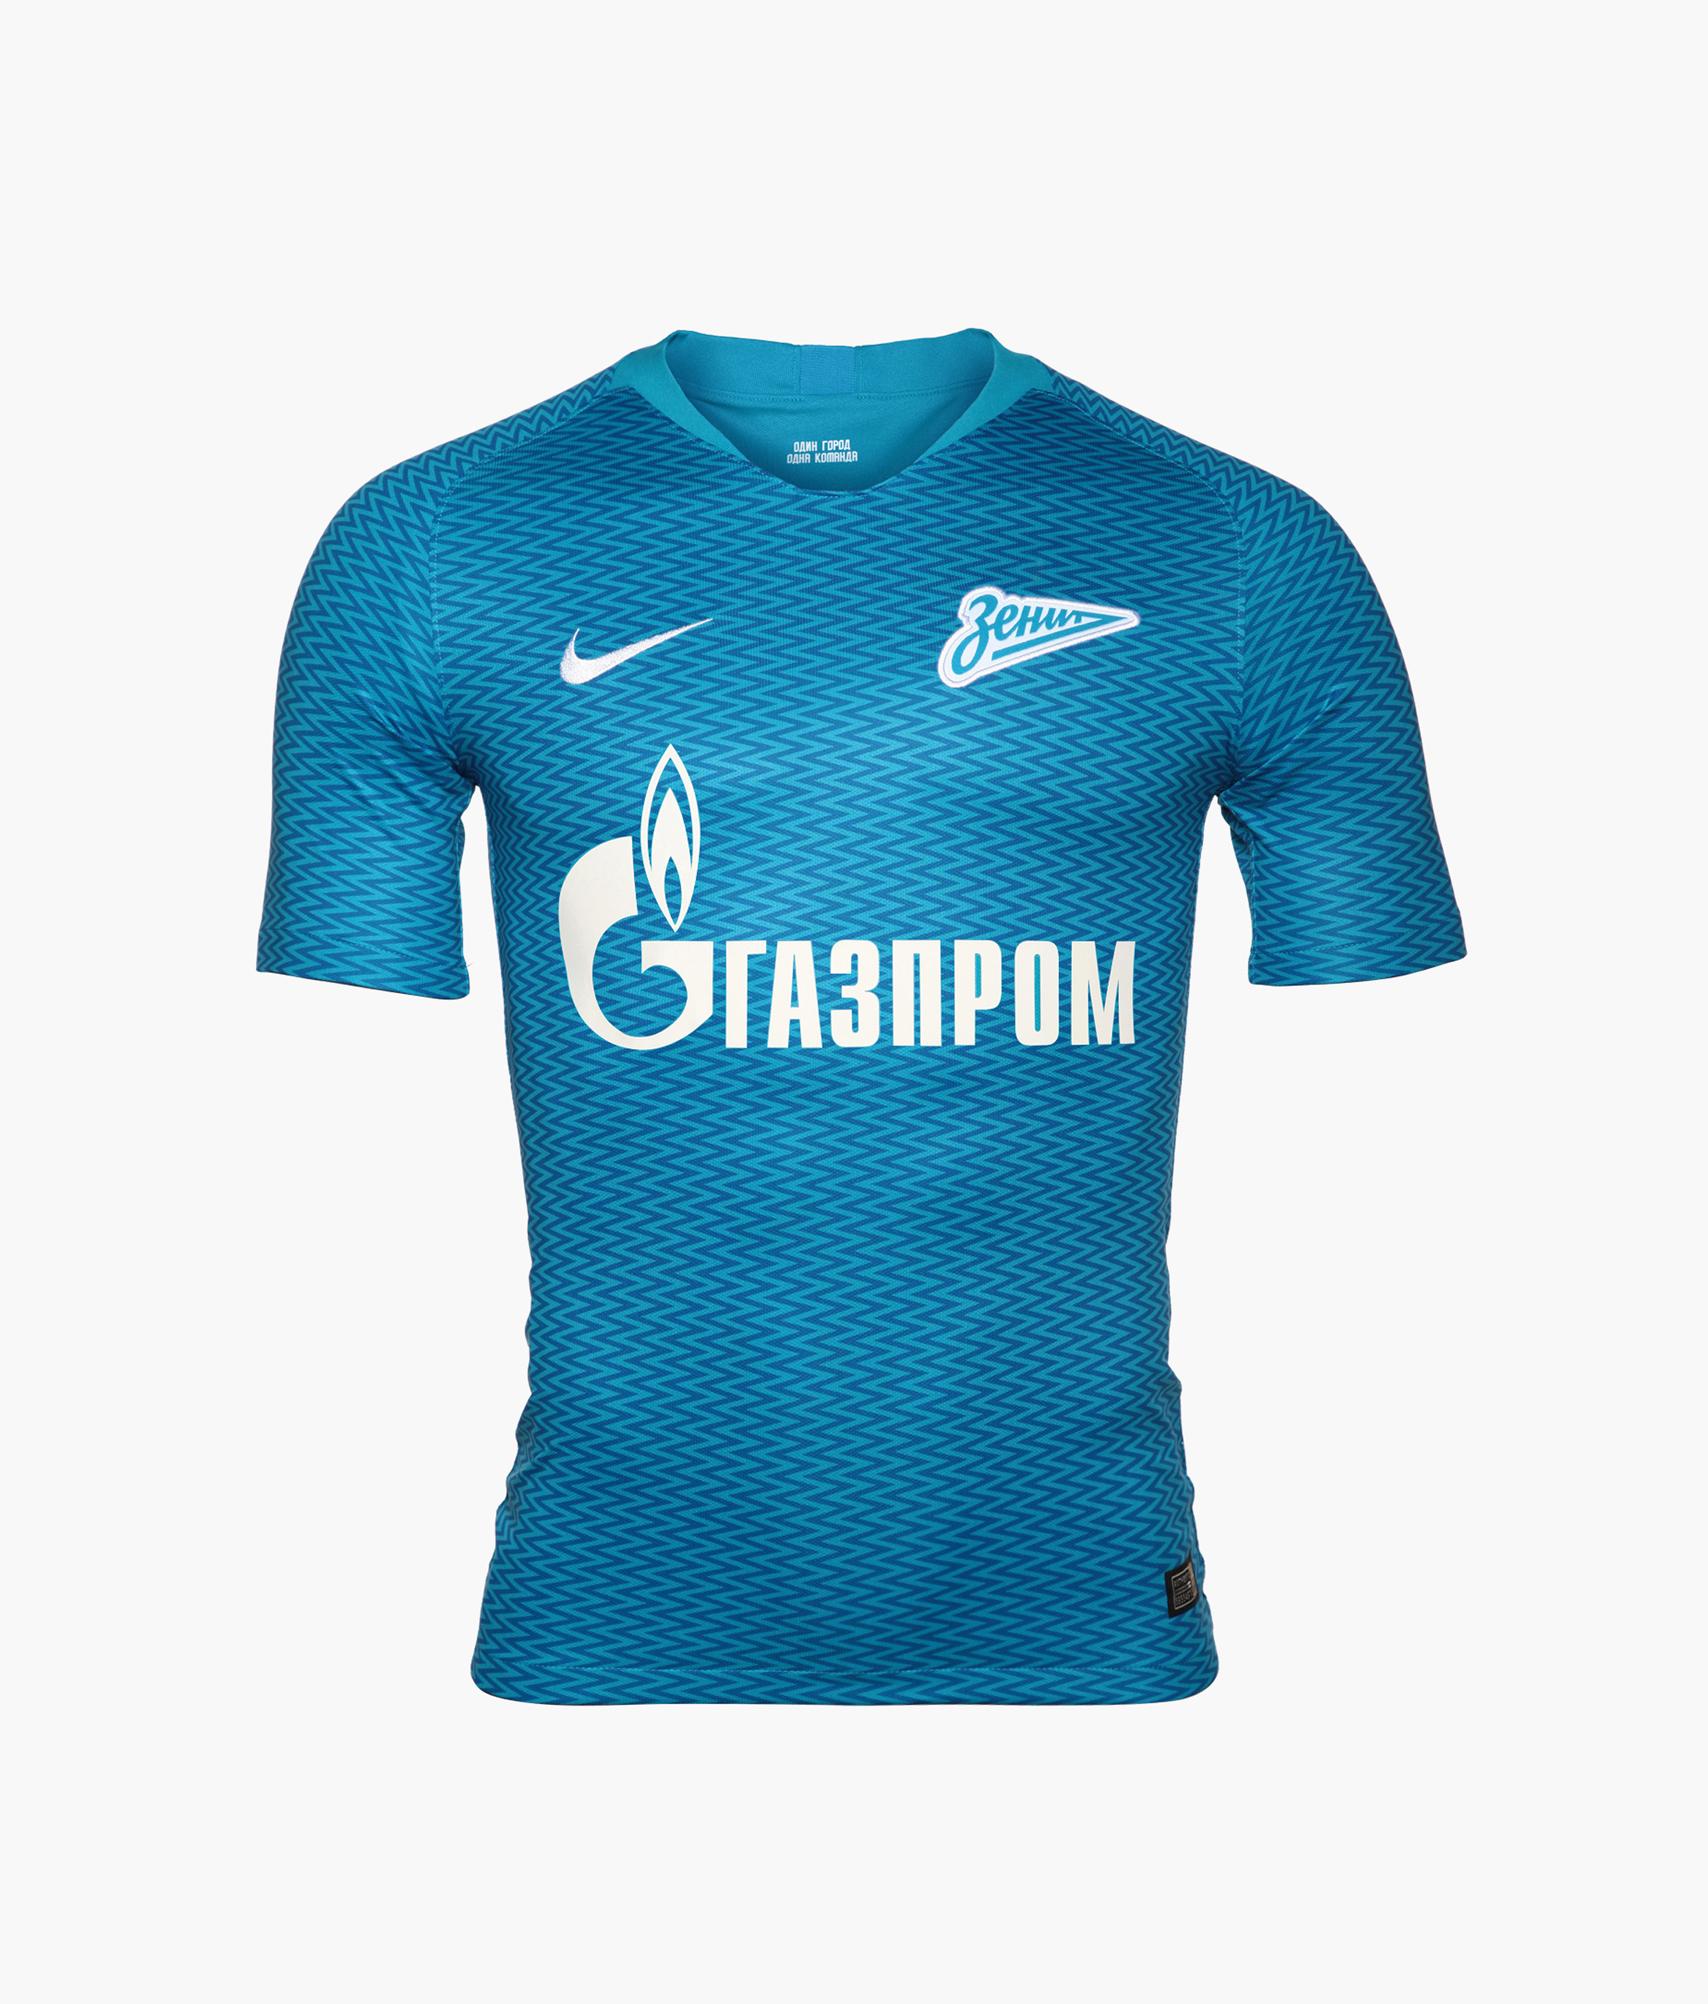 Оригинальная домашняя футболка Nike сезона 2018/2019 Зенит оригинальная домашняя футболка nike фк зенит 2019 20